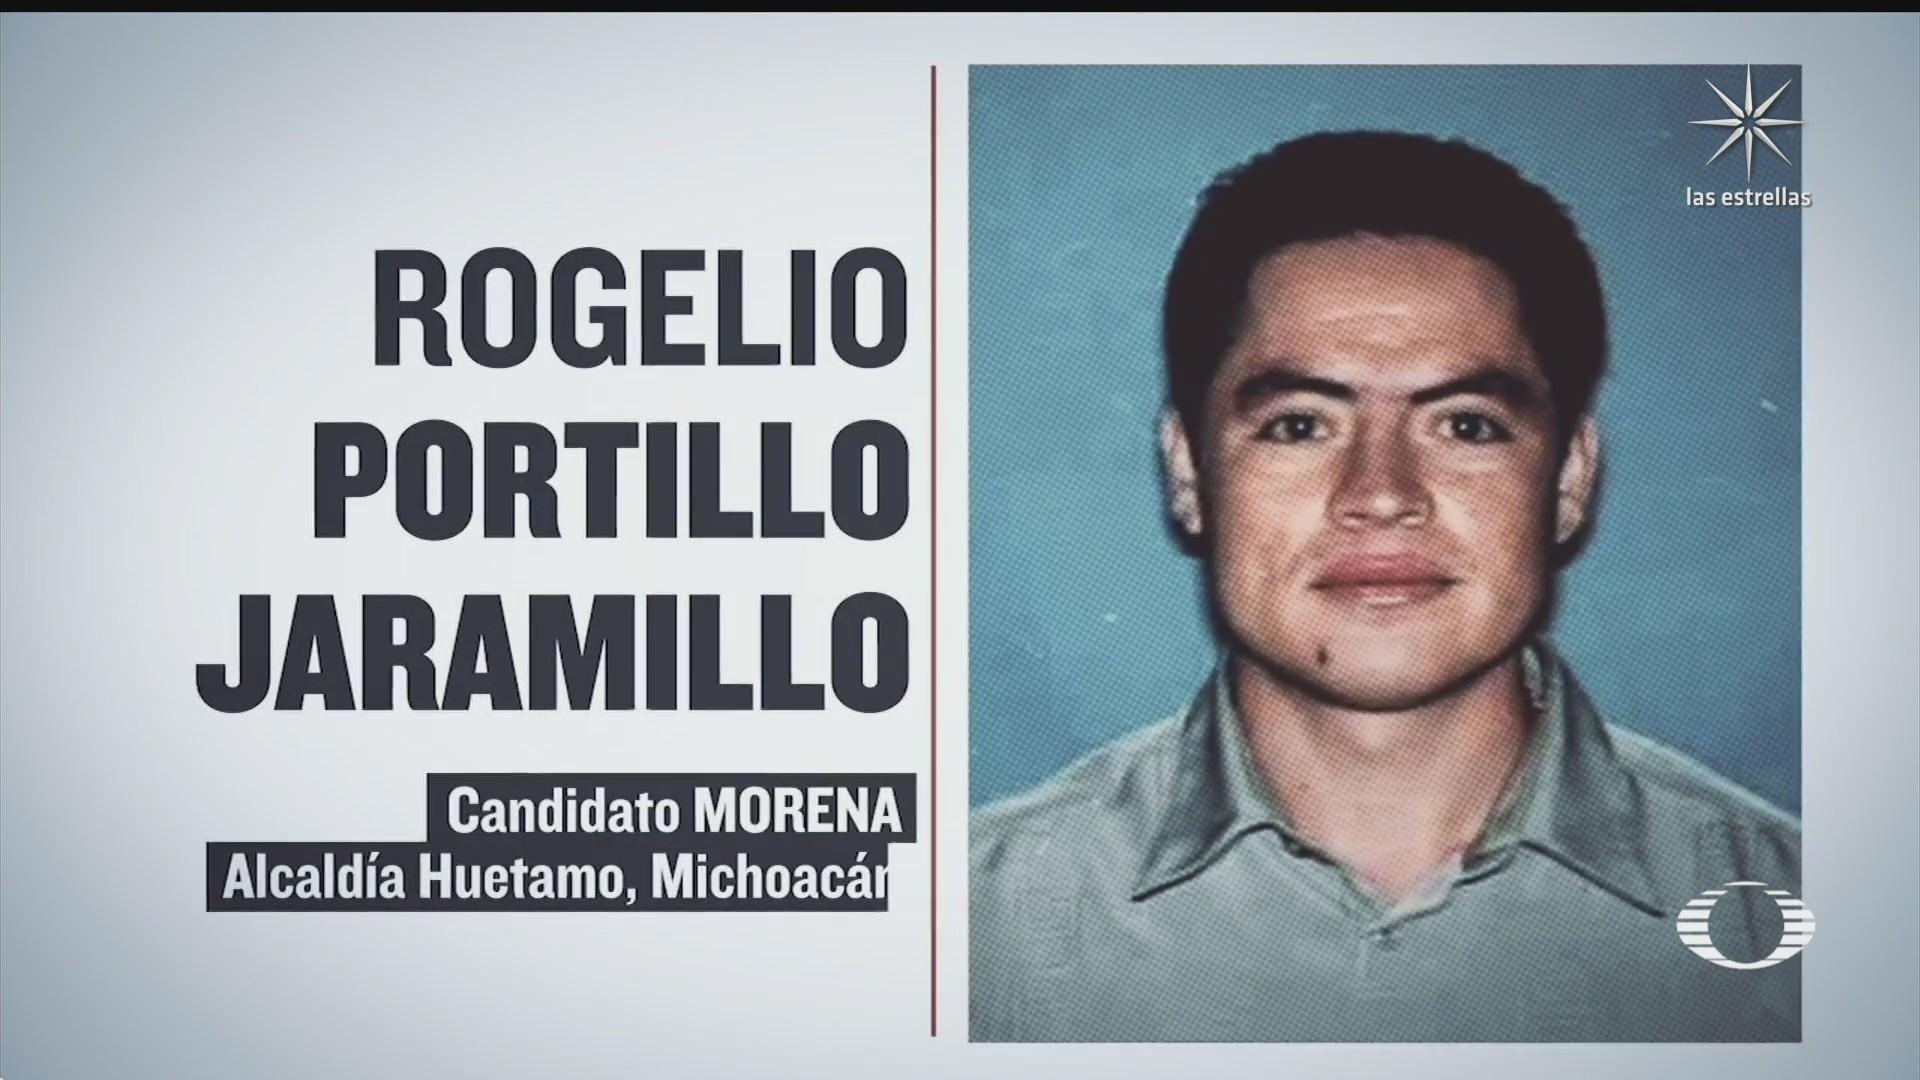 dea busca a candidato de michoacan por supuestos vinculos con el cjng